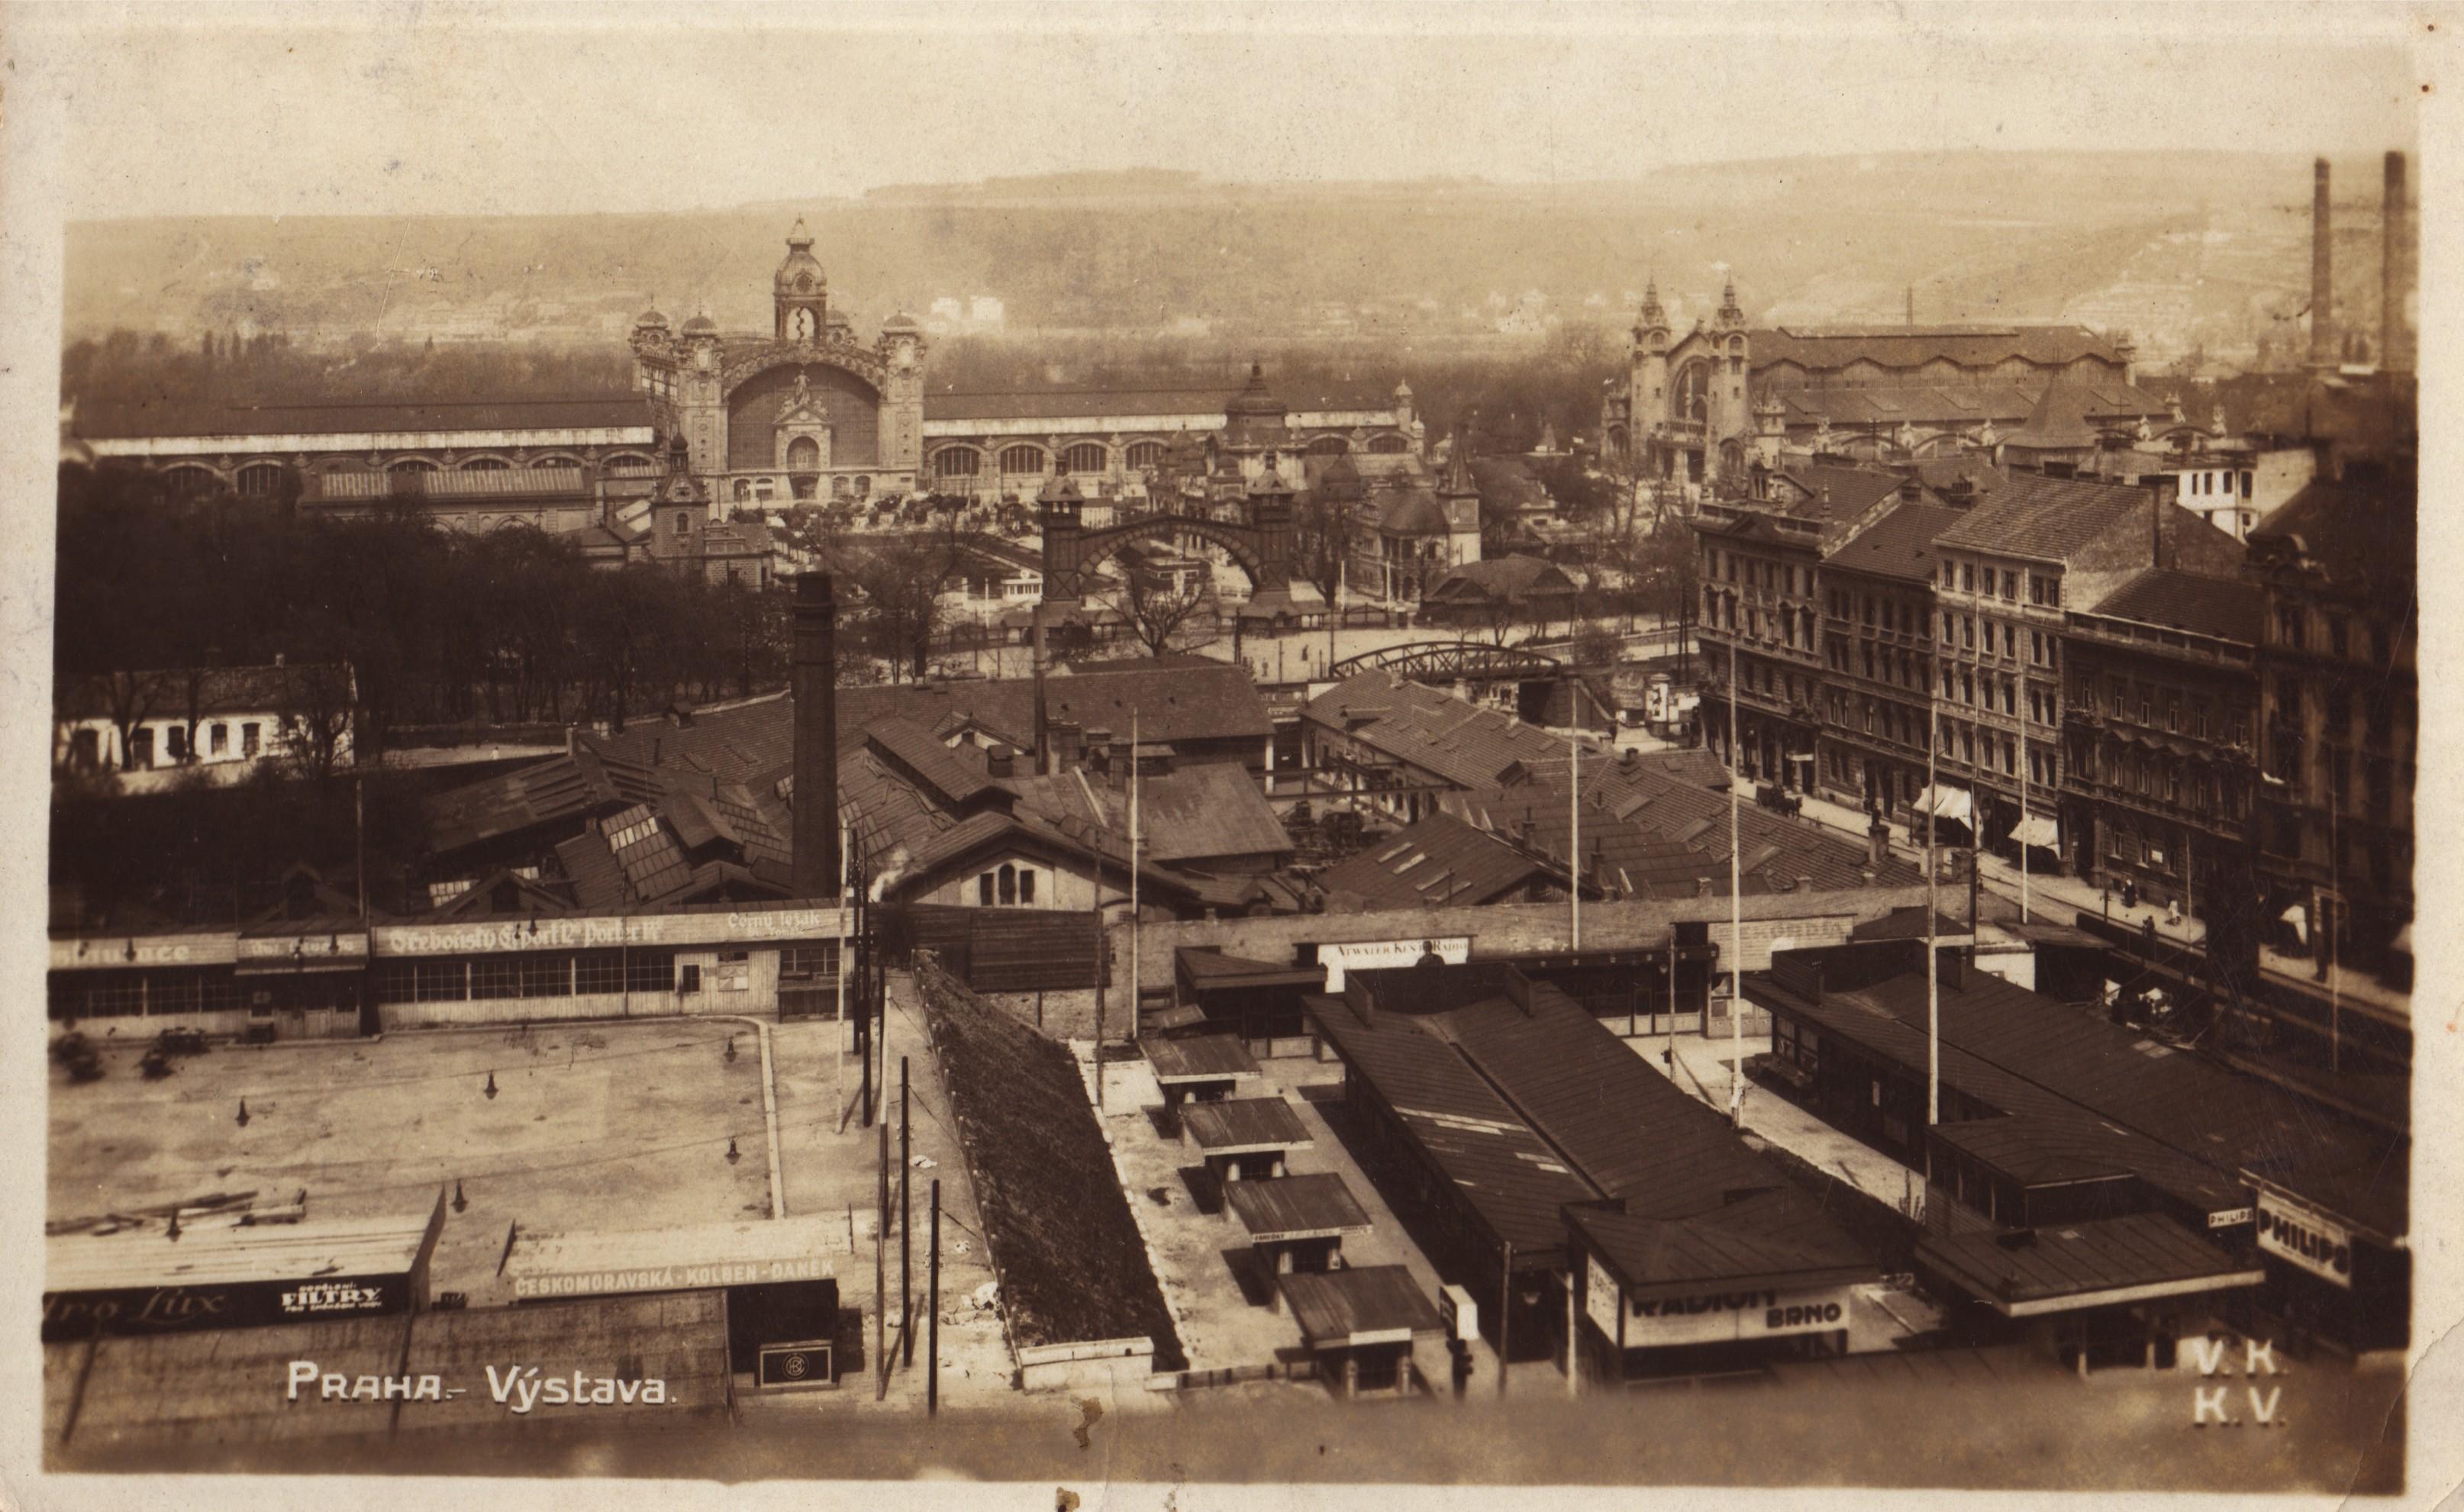 Dobová pohlednice zachycující část areálu Radiotrhu. Sbírka M. Šmoka